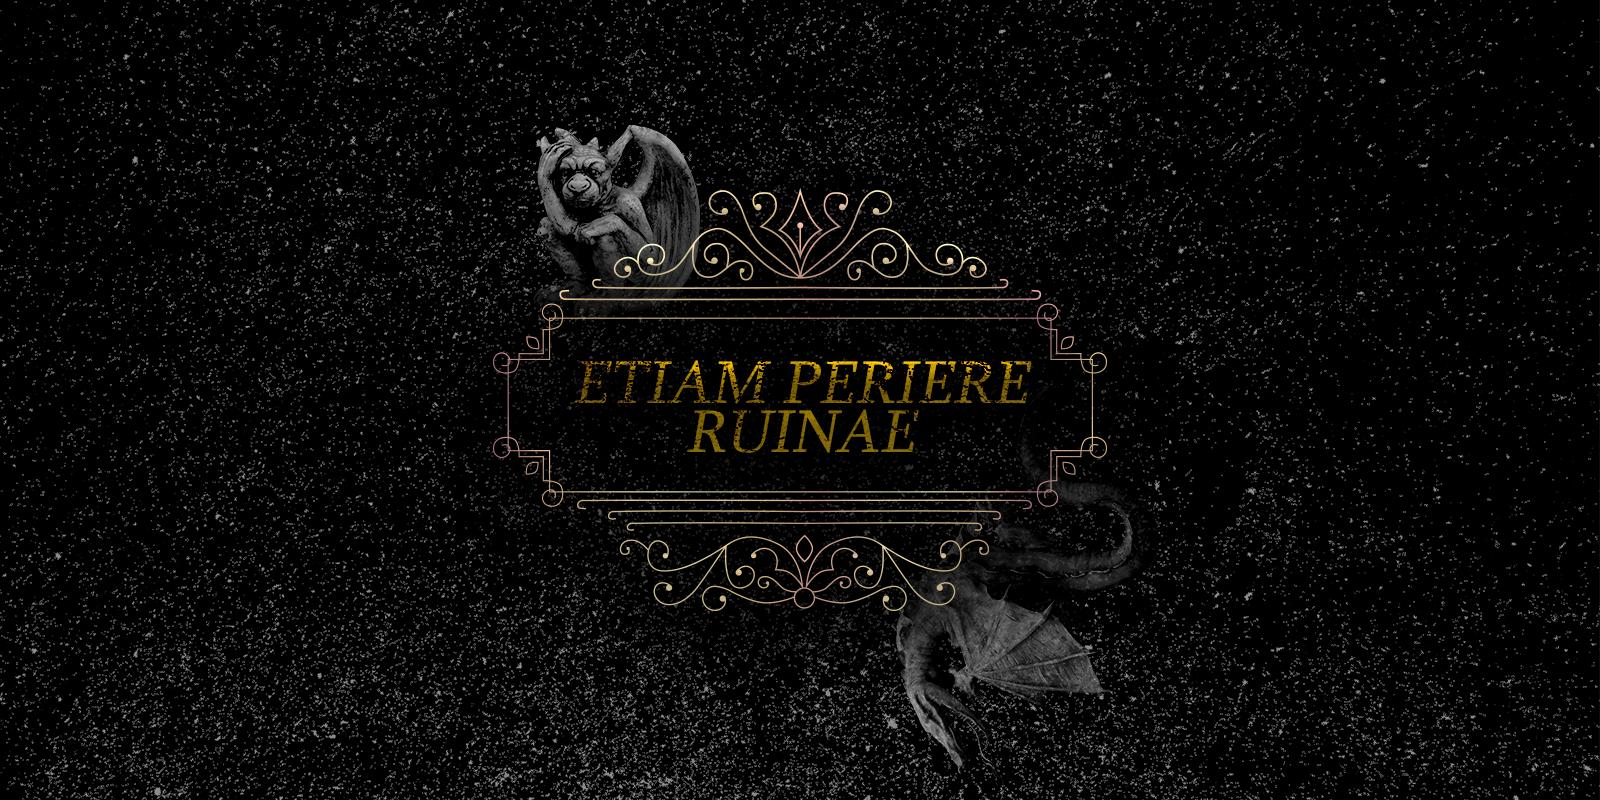 Etiam Periere Ruinae